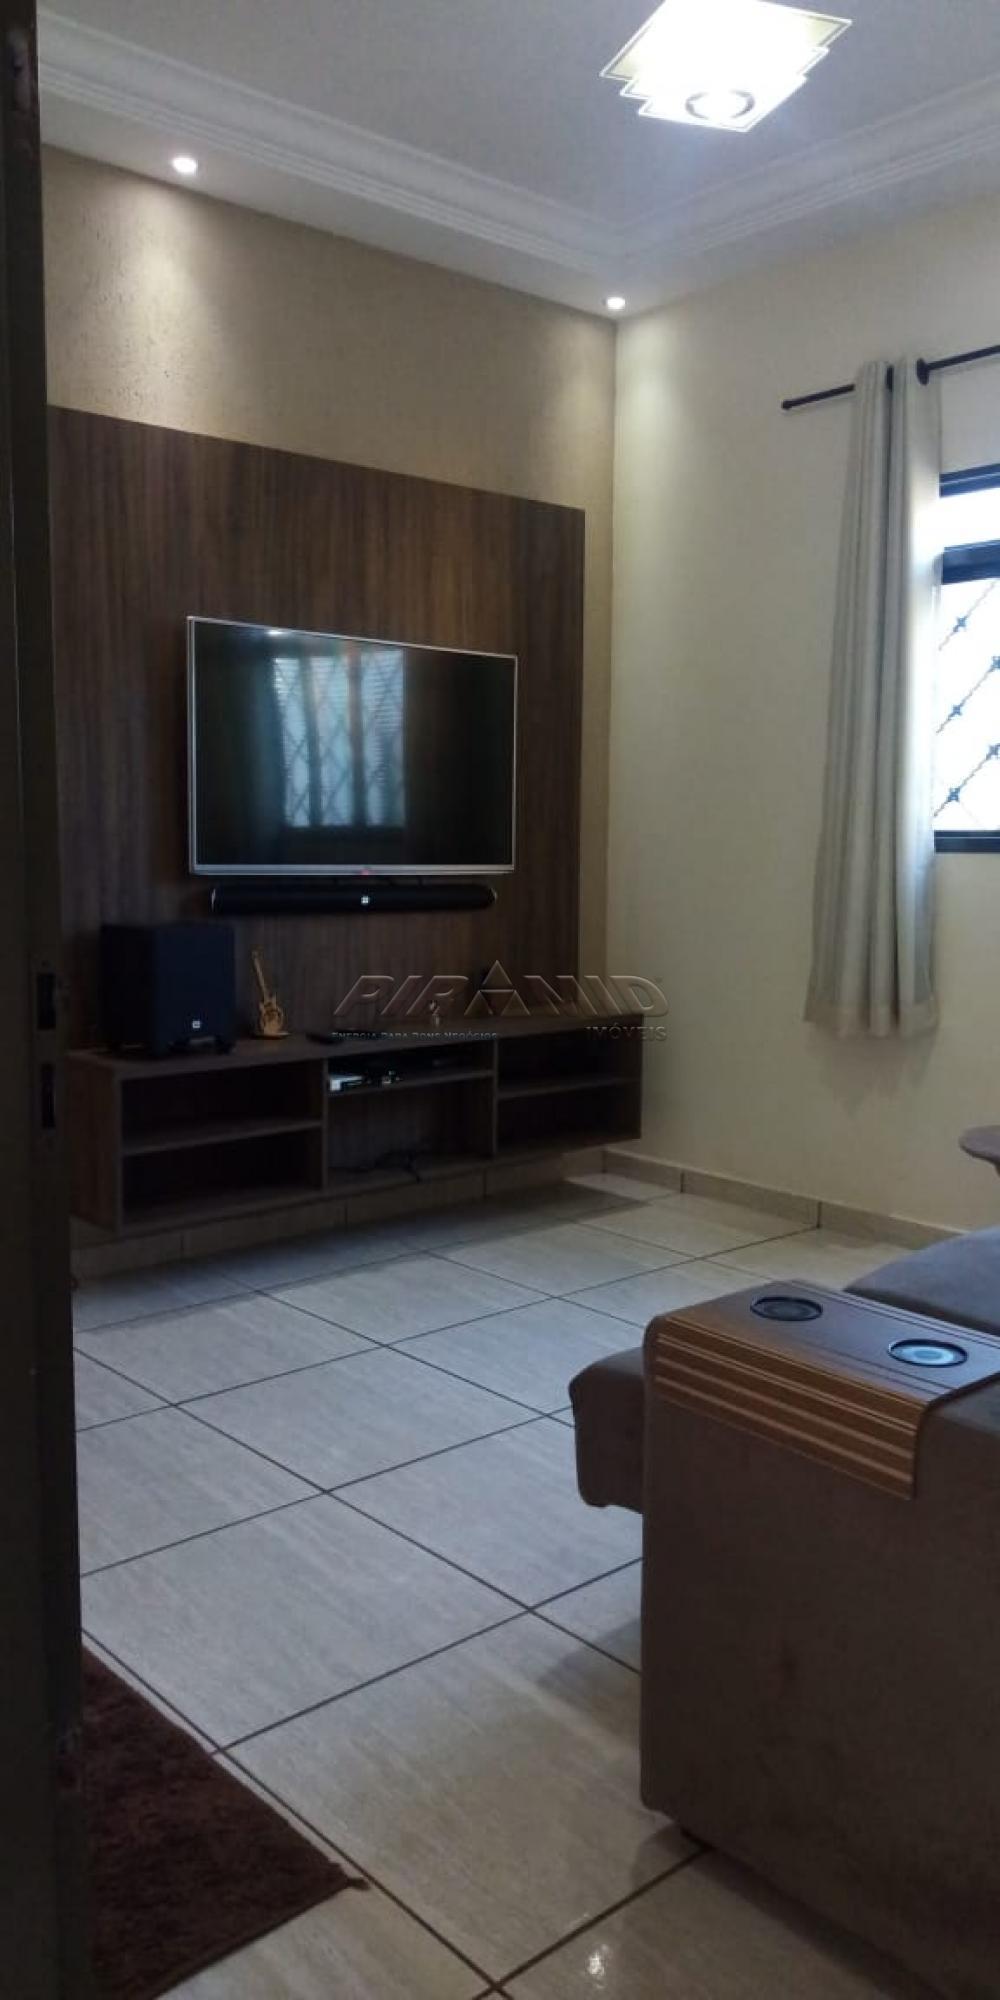 Comprar Casa / Padrão em Jardinópolis apenas R$ 220.000,00 - Foto 2